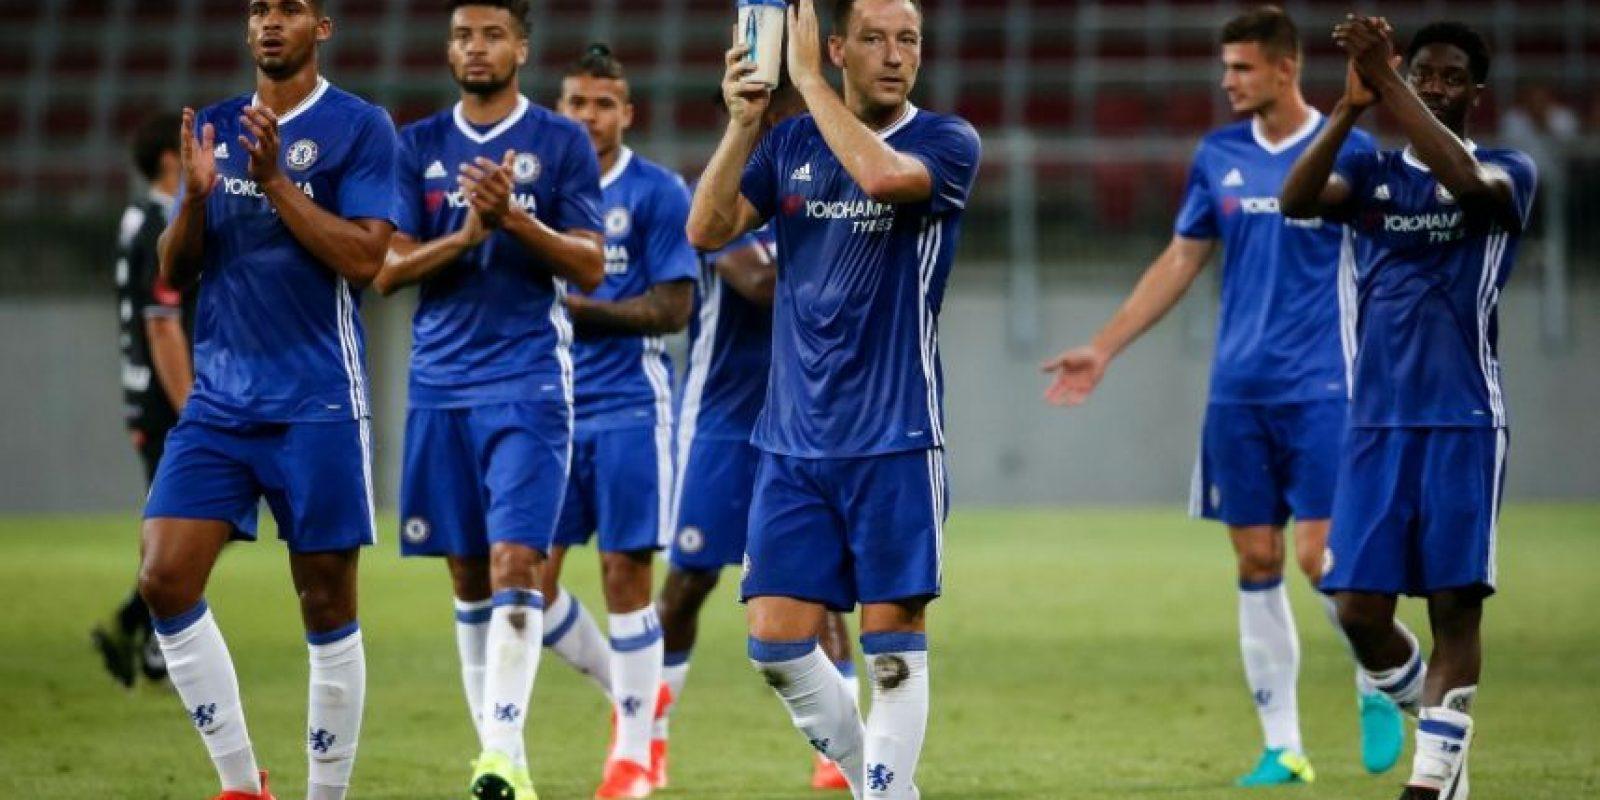 Chelsea es el equipo más odiado de la Premier League Foto:Getty Images